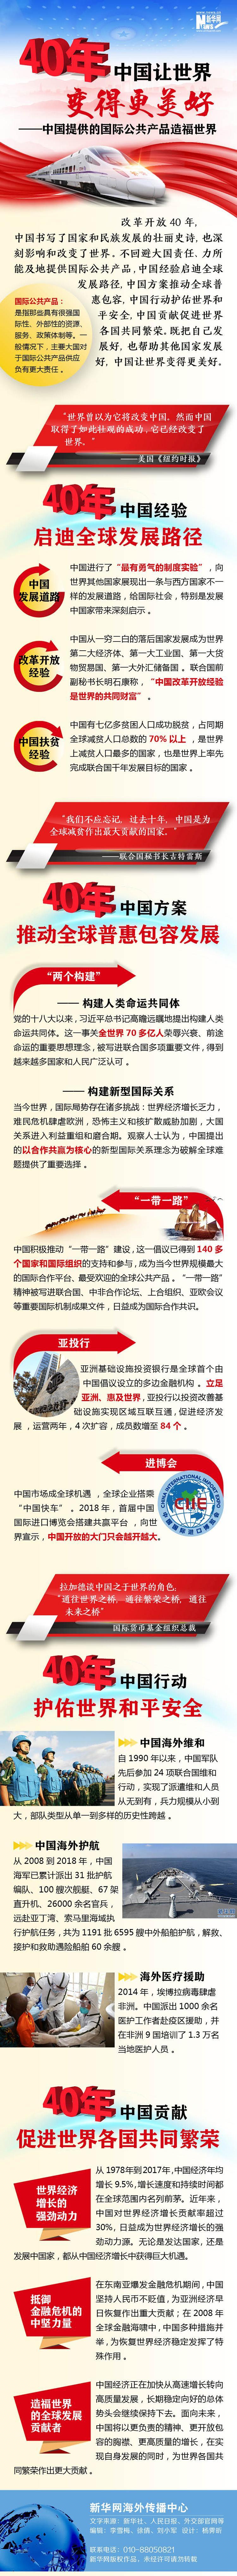 【图解】40年,中国让世界变得更美好 ——中国提供的国际公共产品造福世界